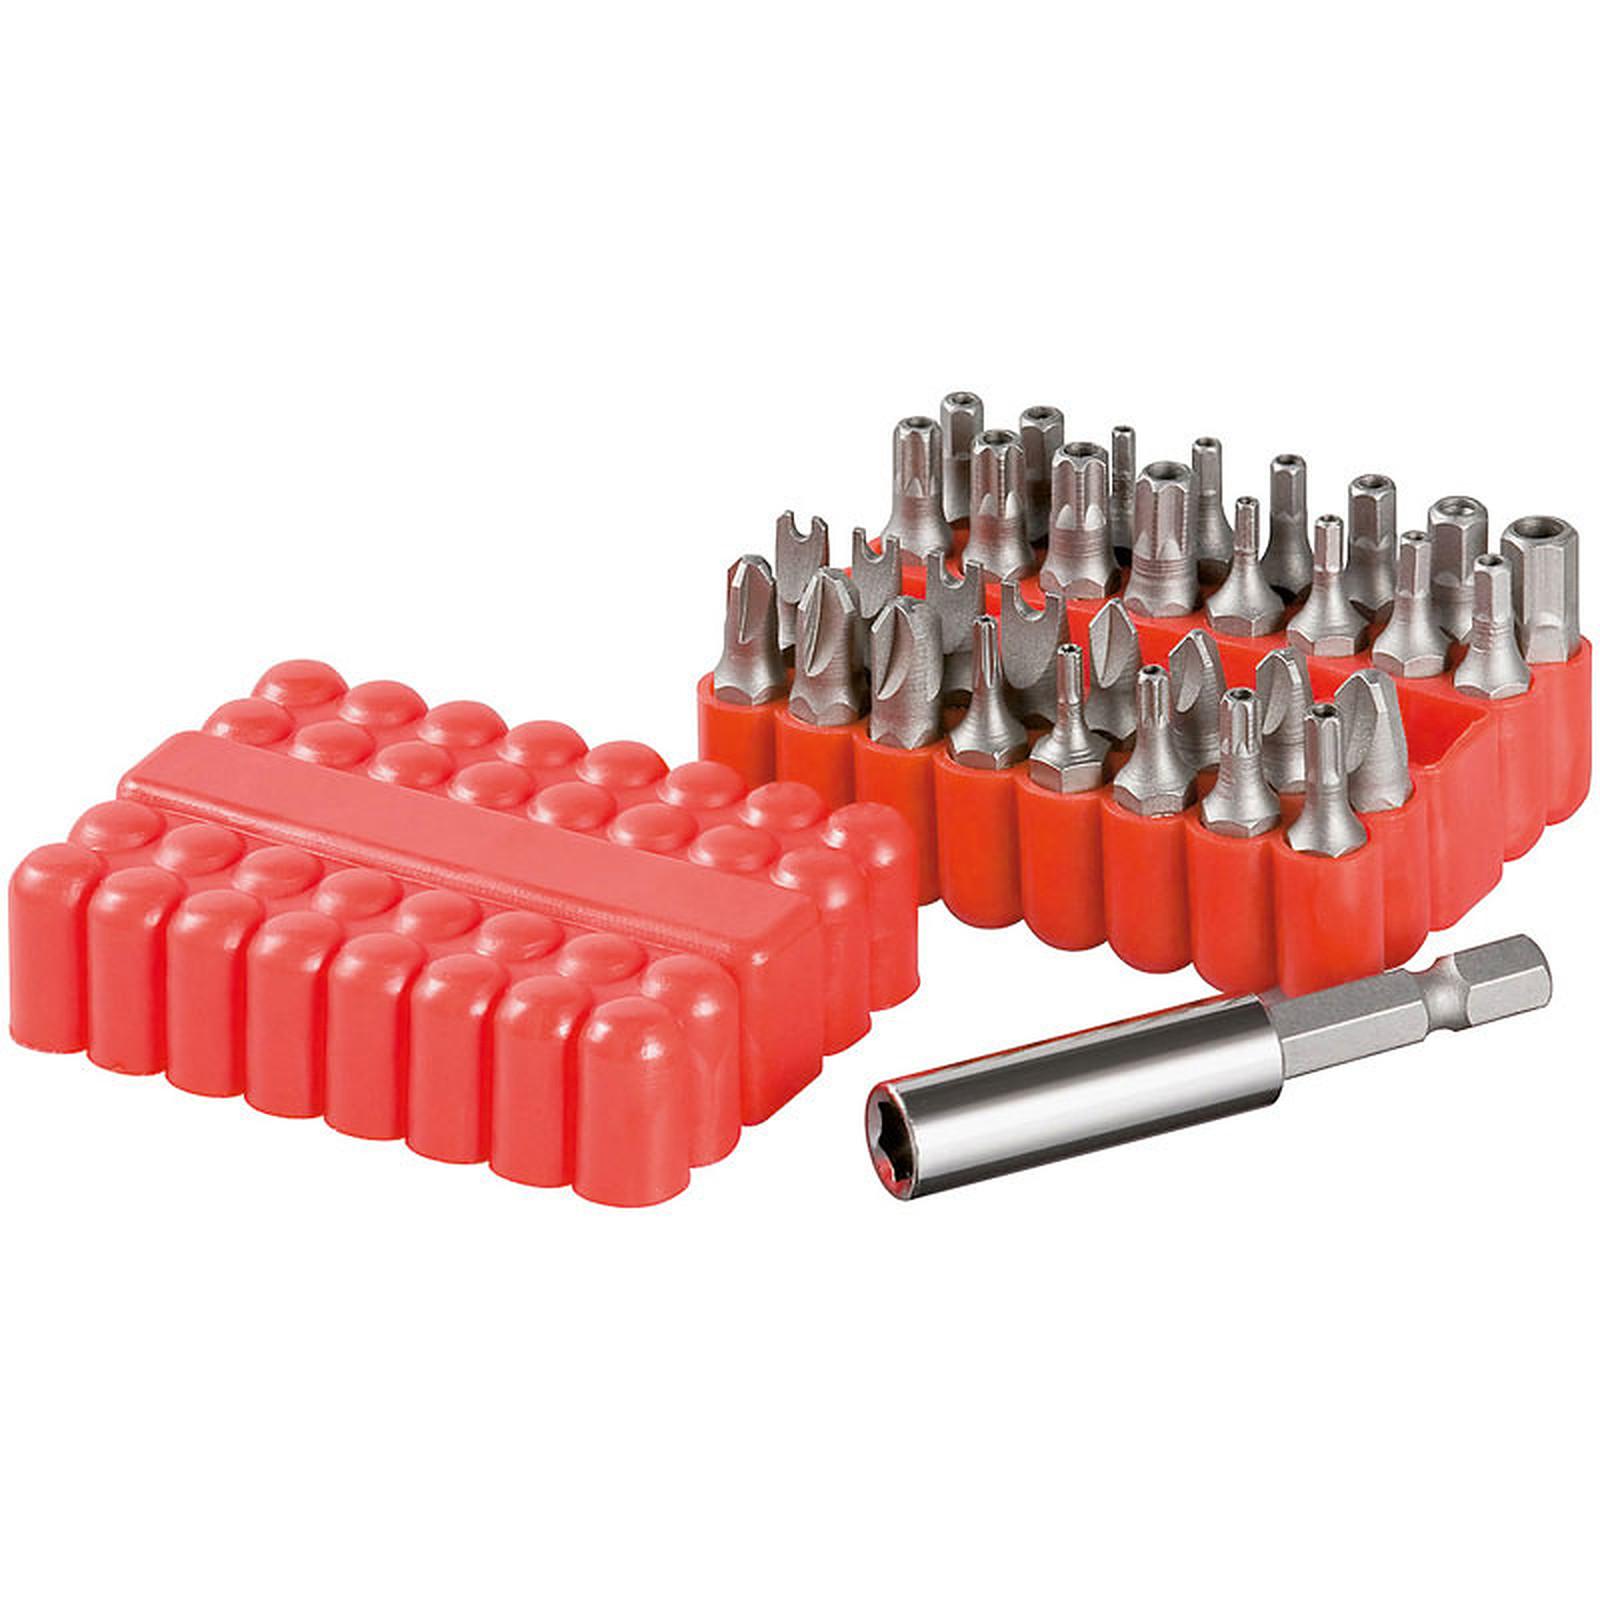 Kit de 33 cabezas para destornillador modulable